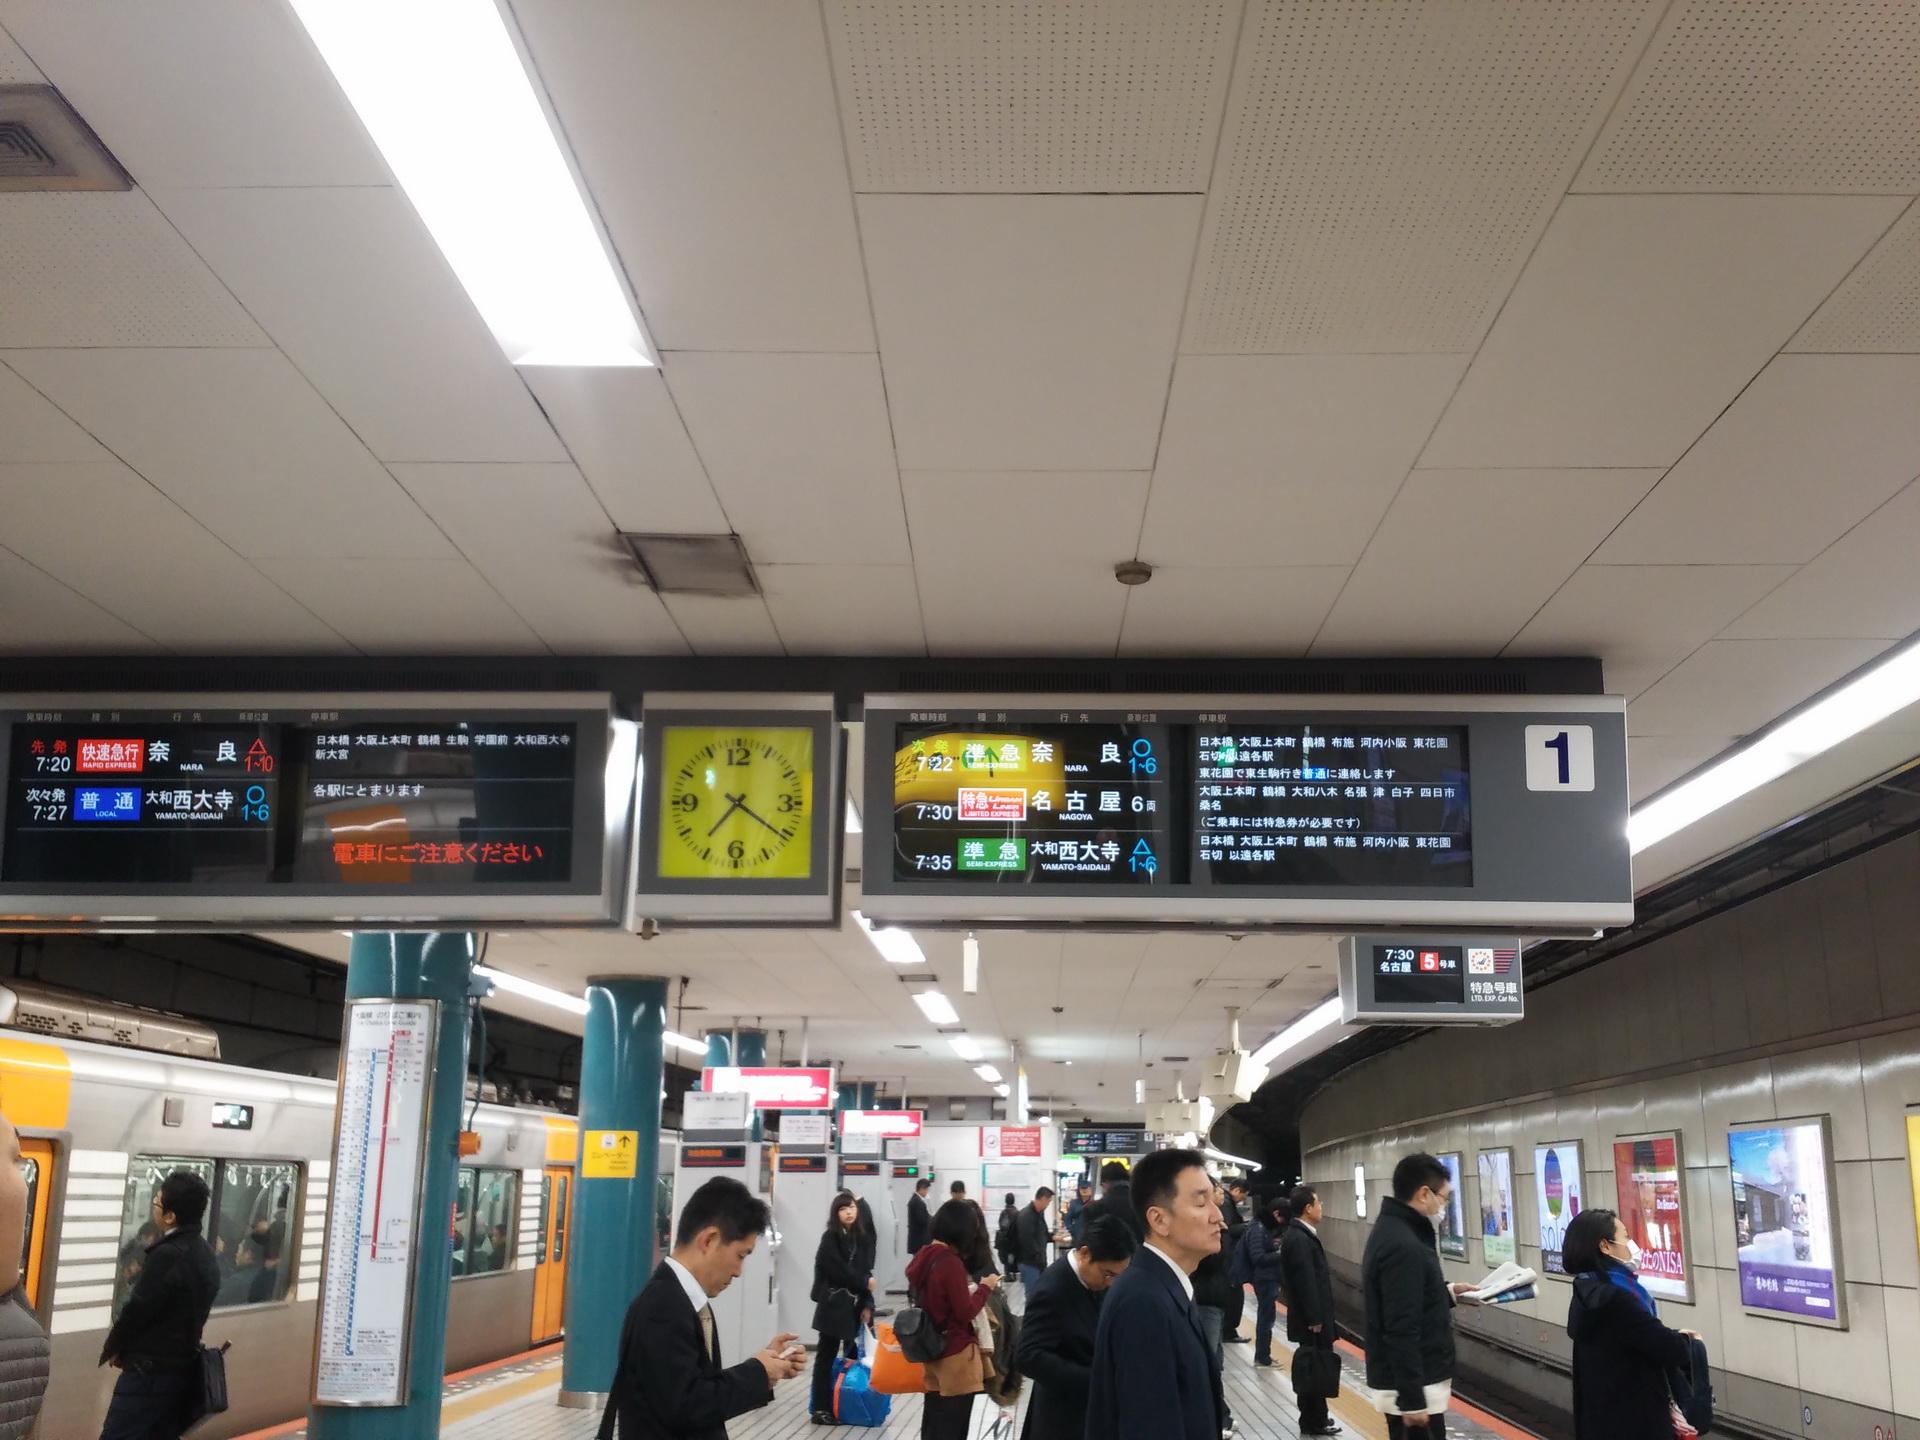 일본여행 (12.24~12.27) 2일차